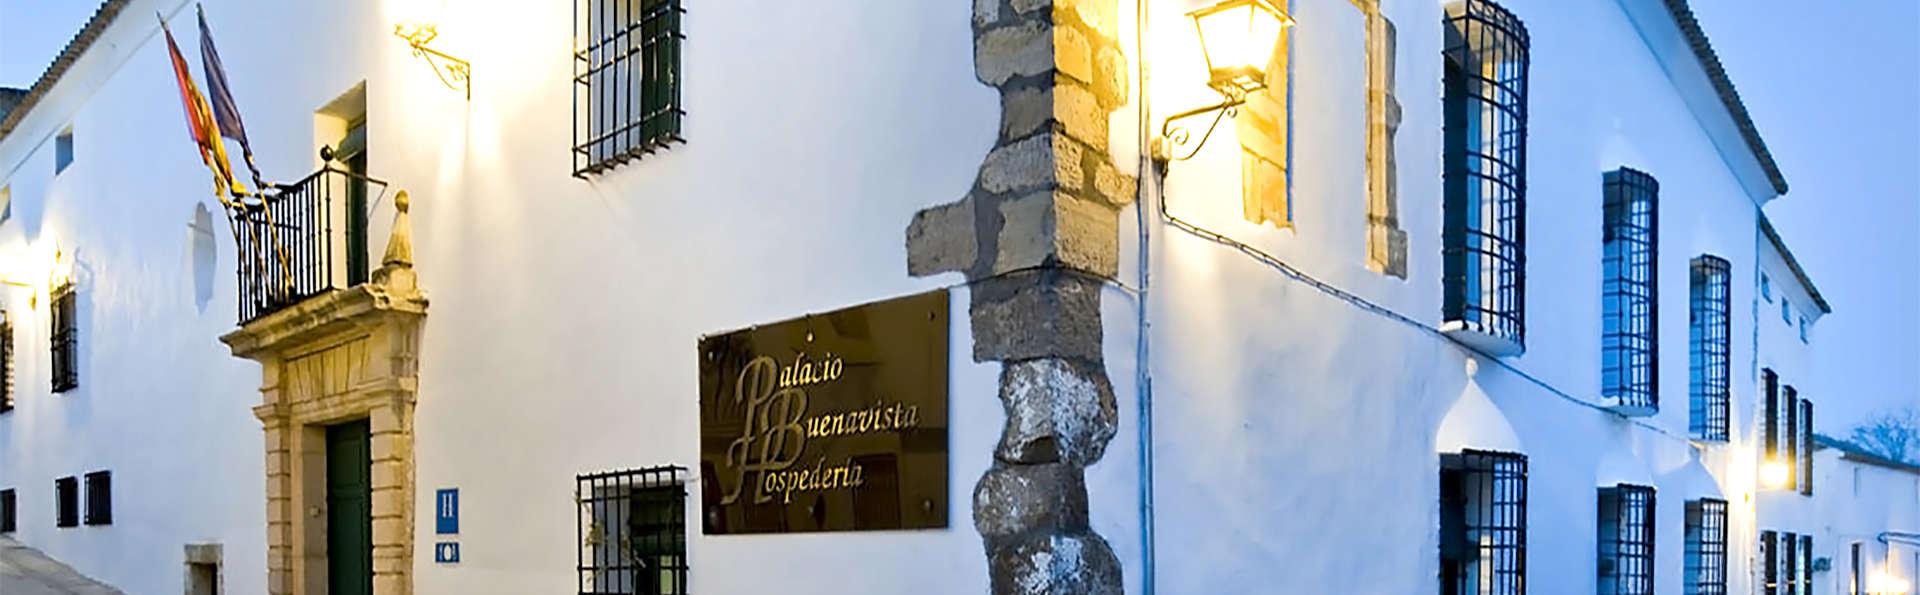 Palacio Buenavista Hospedería - EDIT_entrance2.jpg